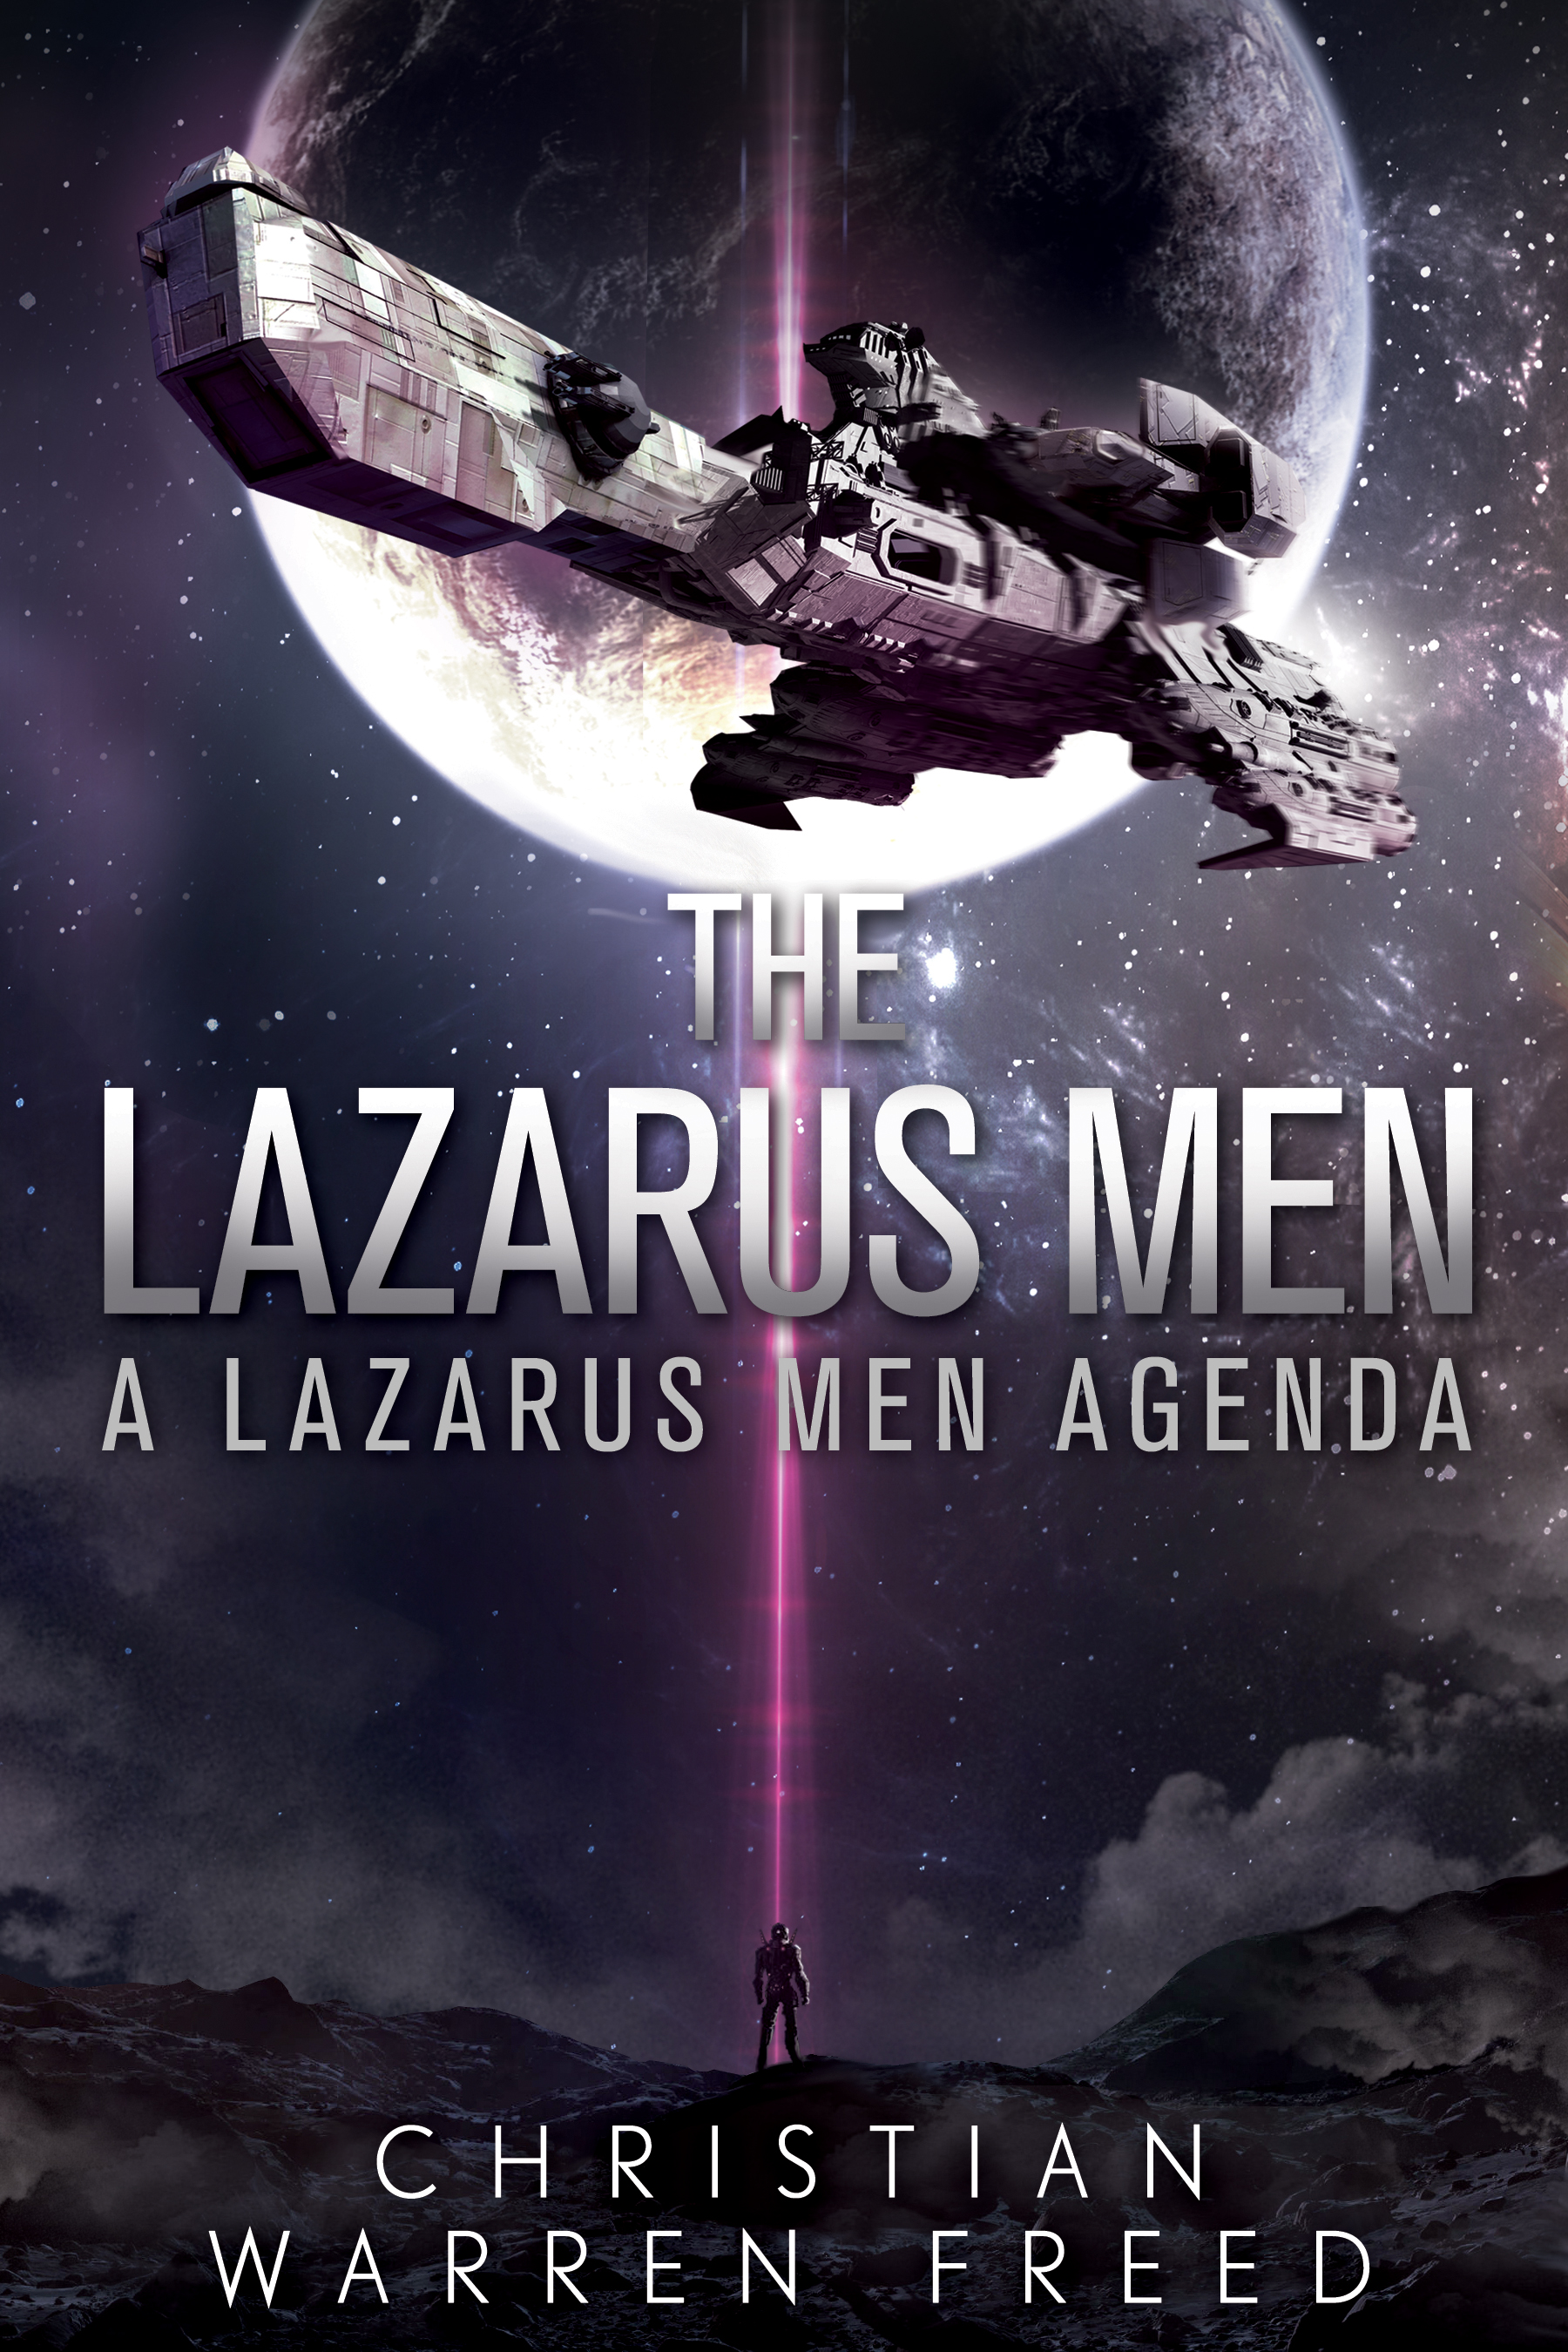 The Lazarus Men